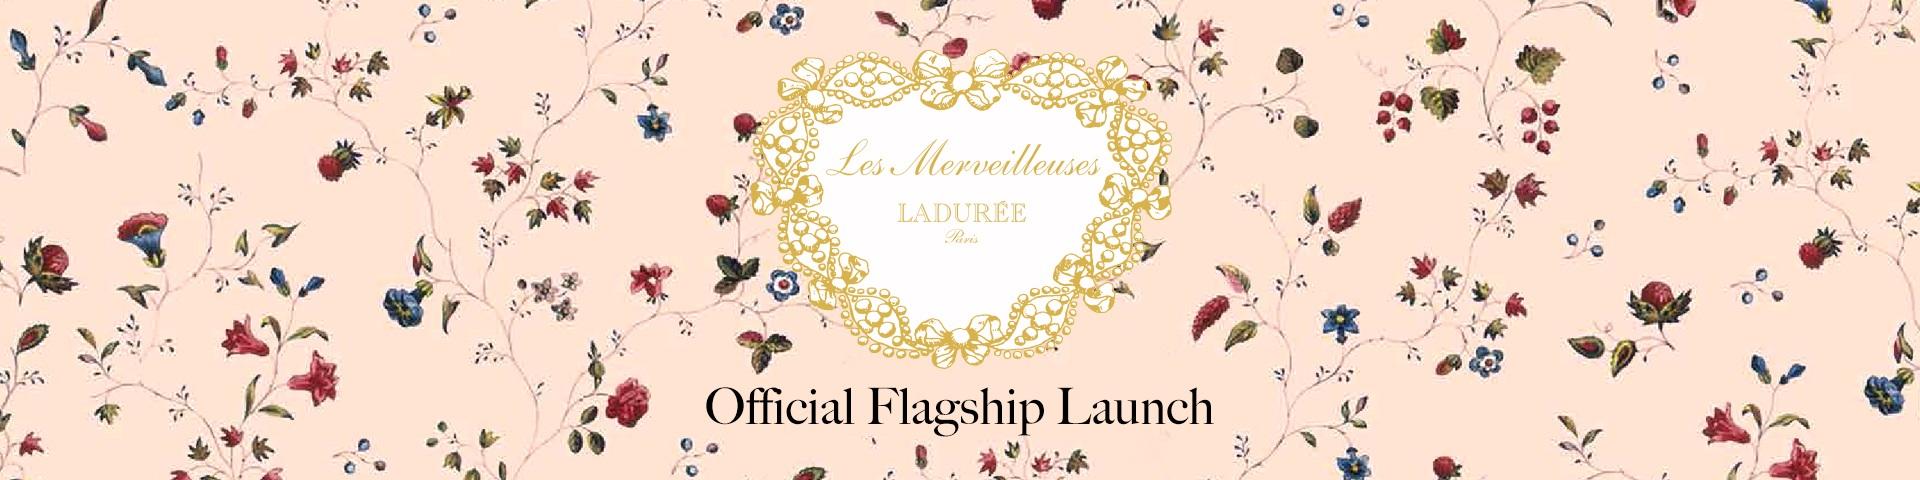 Laduree Flagship Top Banner